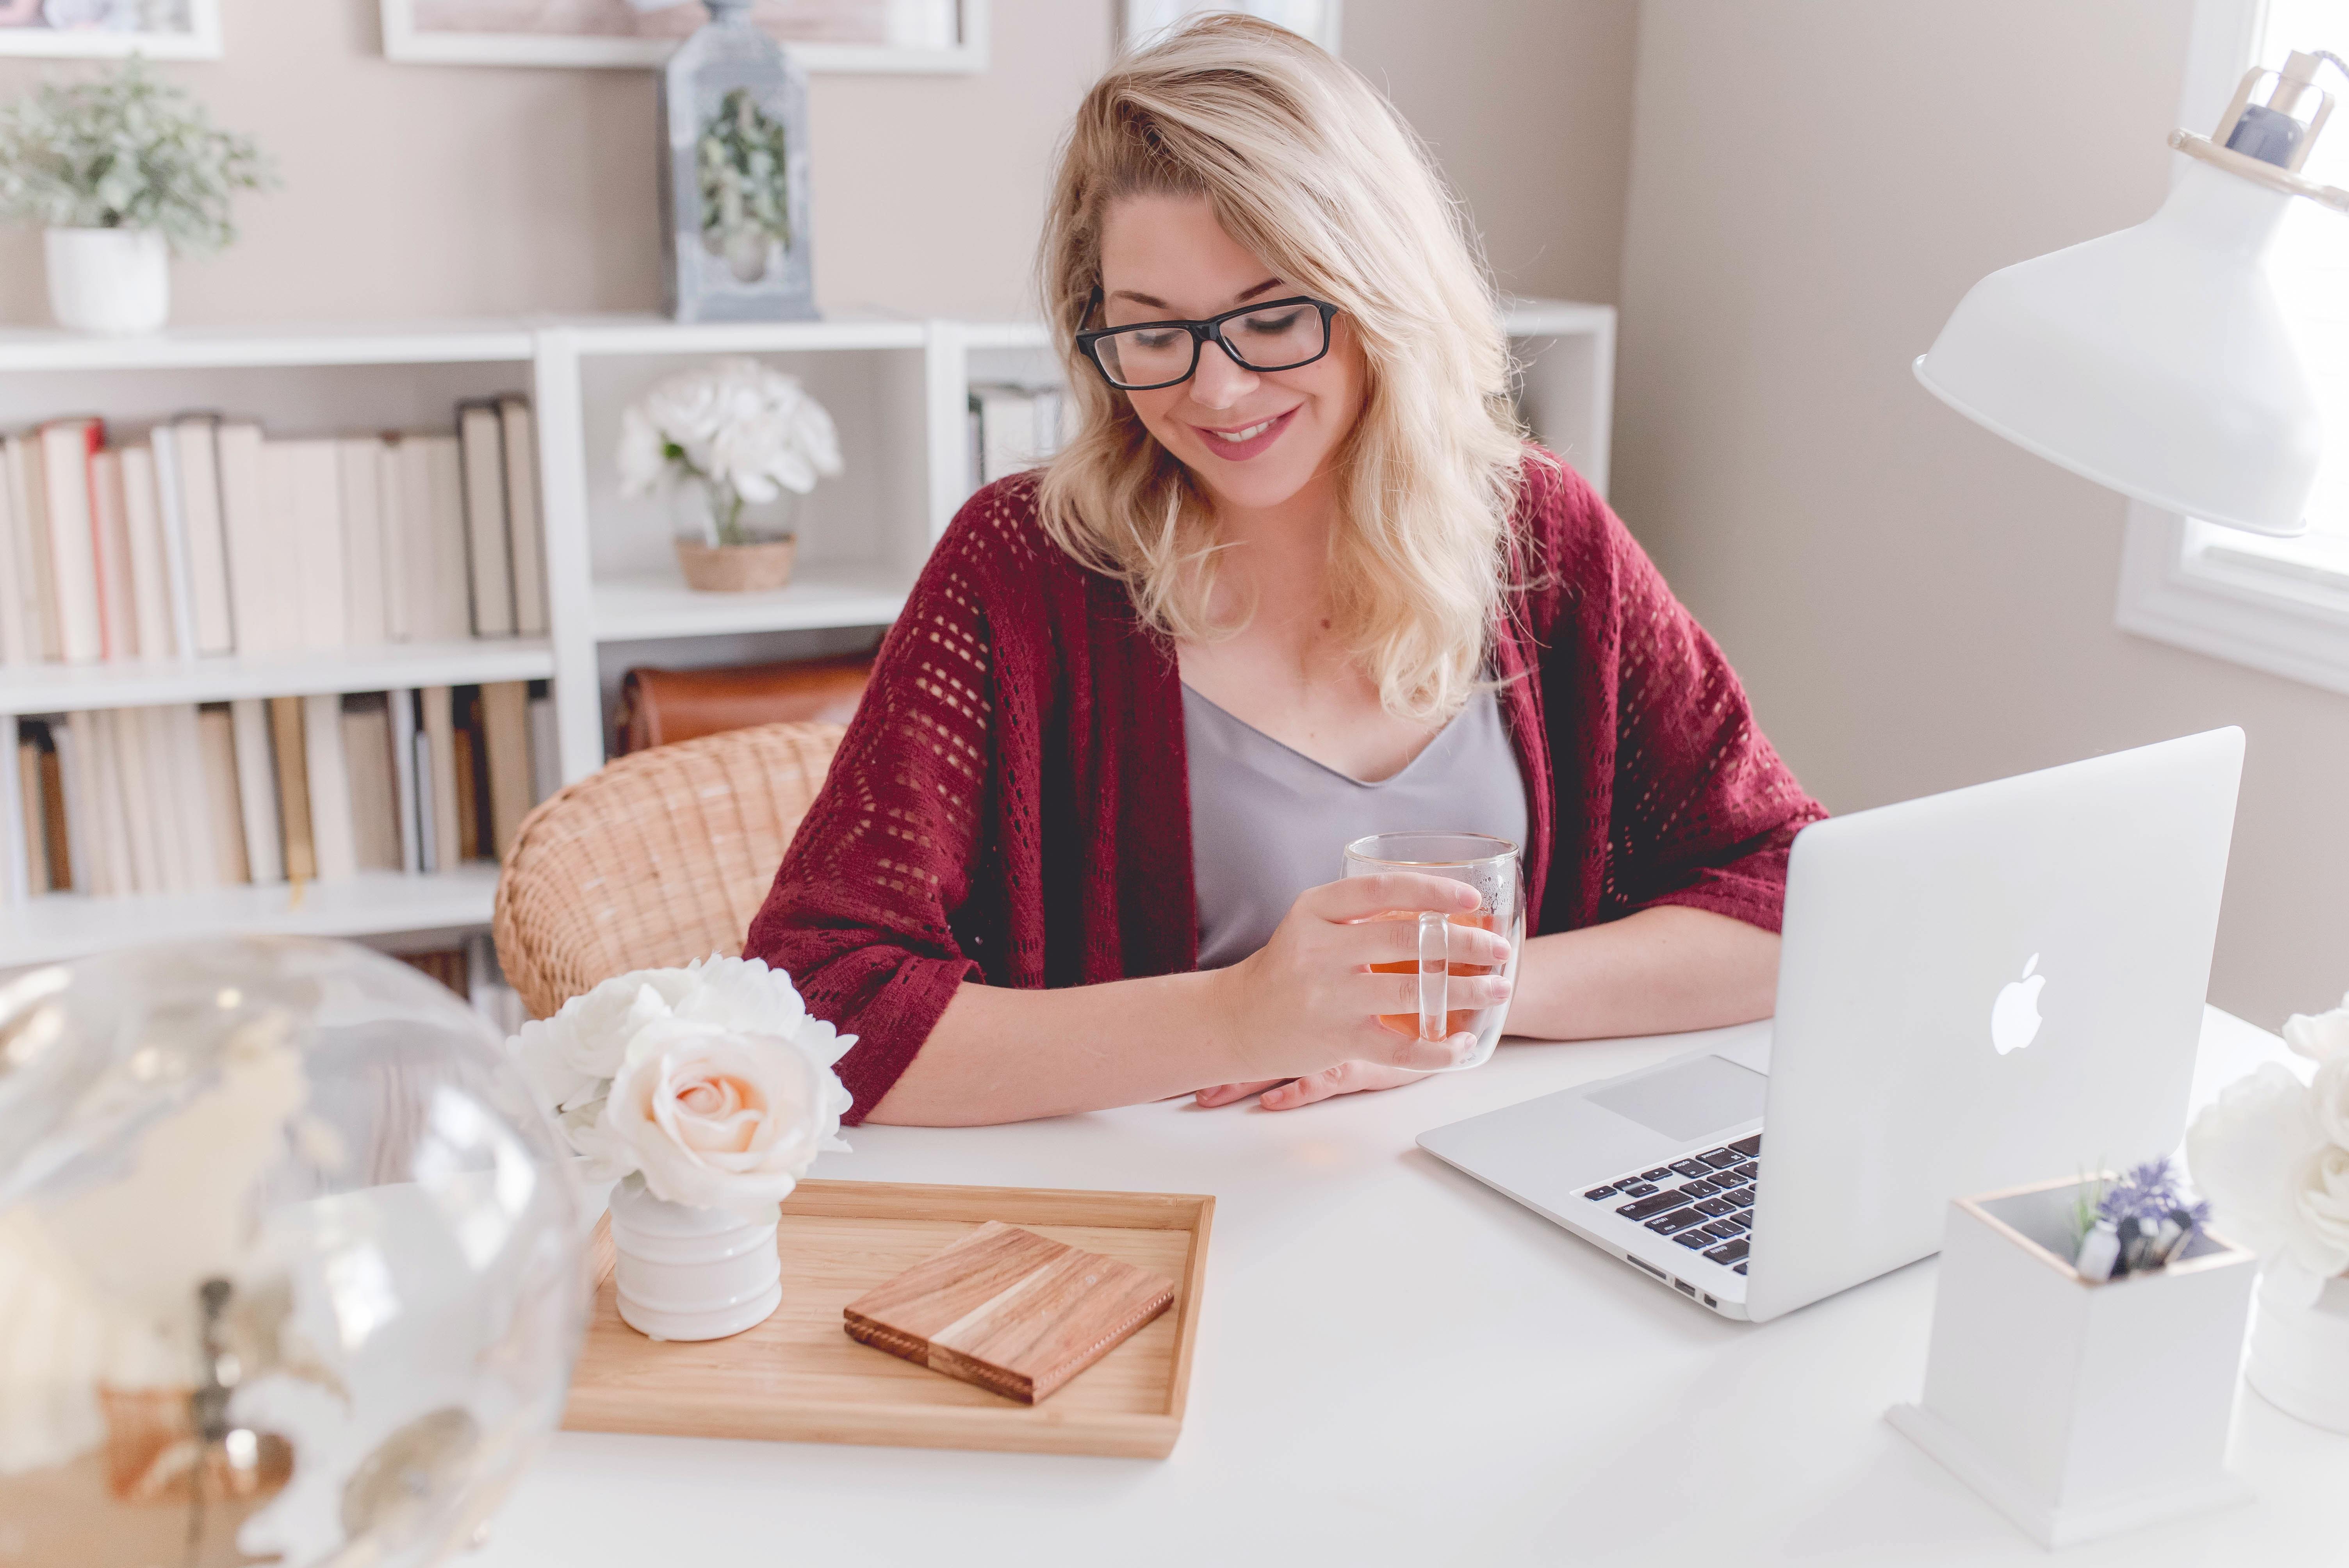 Crie um ambiente agradável – por ser em casa, muitos itens de trabalho se misturam com itens pessoais e da própria residência, por isso, é importante separar os universos: crie um ambiente só para seu trabalho, seja uma escrivaninha, uma sala, um escritório ou apenas uma mesa; mas faça desse ambiente o local de trabalho e o decore como te fizer se sentir melhor. (Foto: Paige Cody/Unsplash)